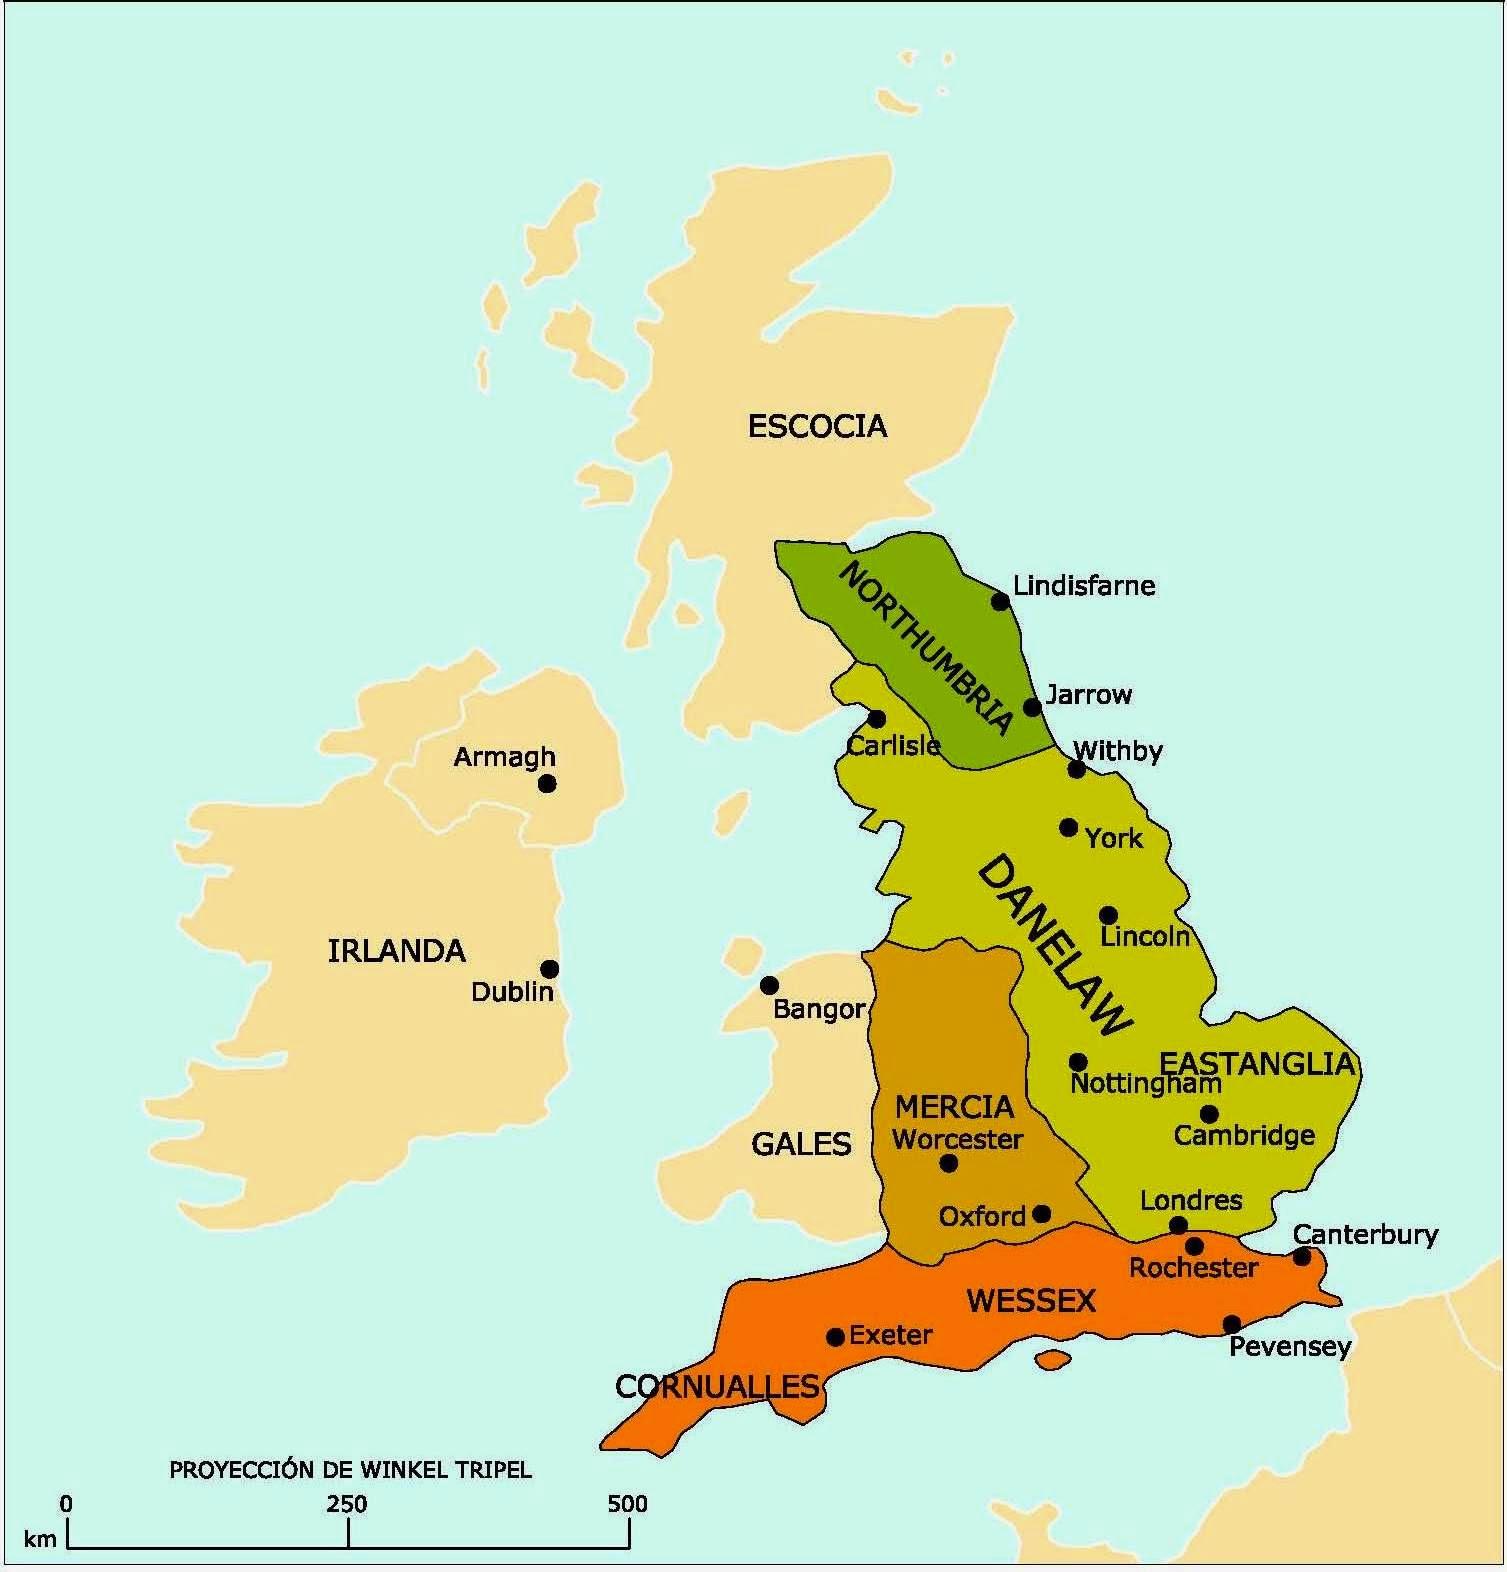 Resultado de imagen para mapa inglaterra medieval